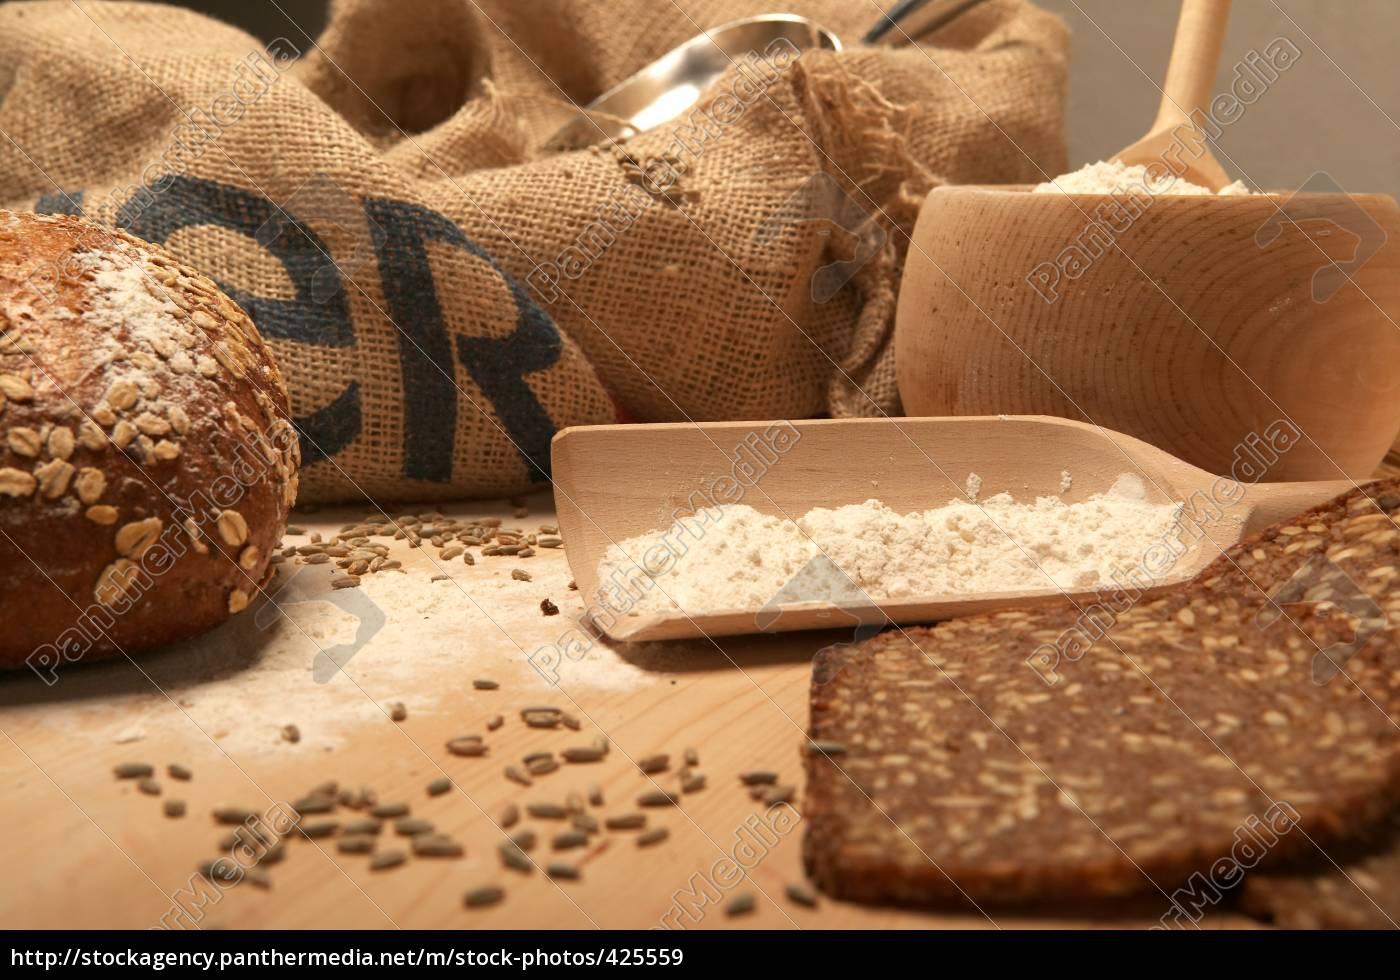 baking, bread - 425559